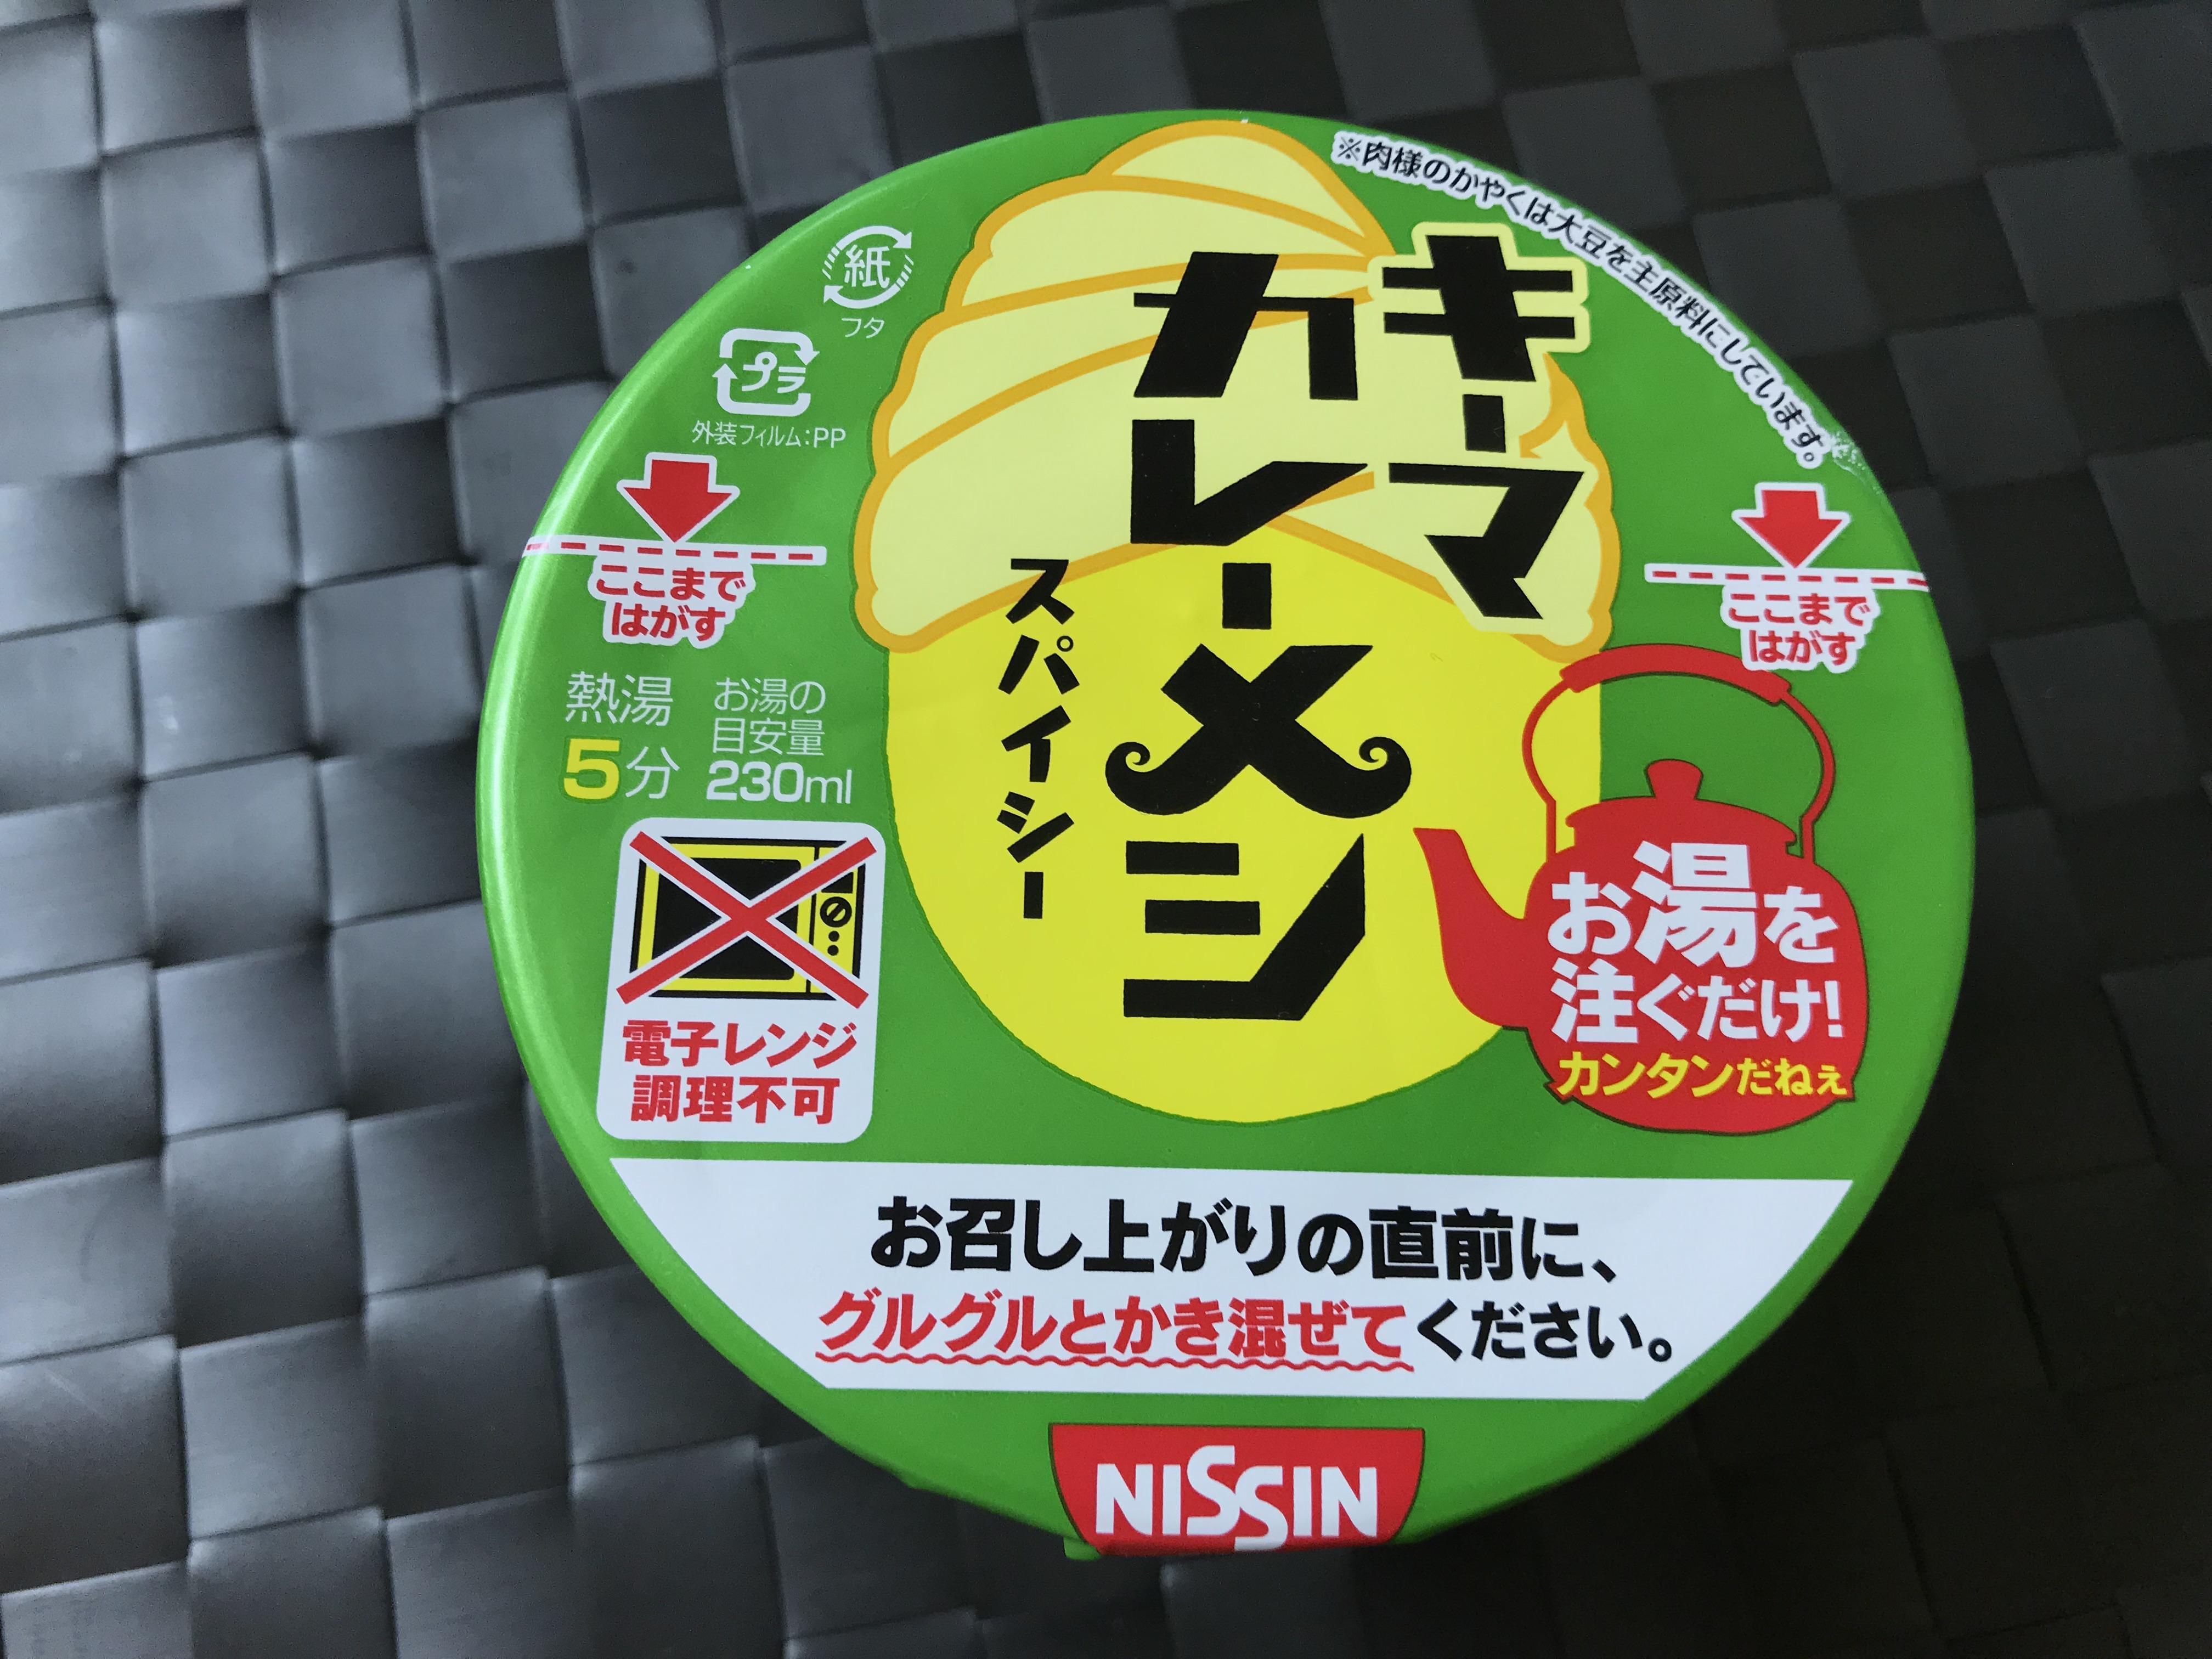 간편하게 먹는 카레밥, [닛신]キーマ カレーメ..